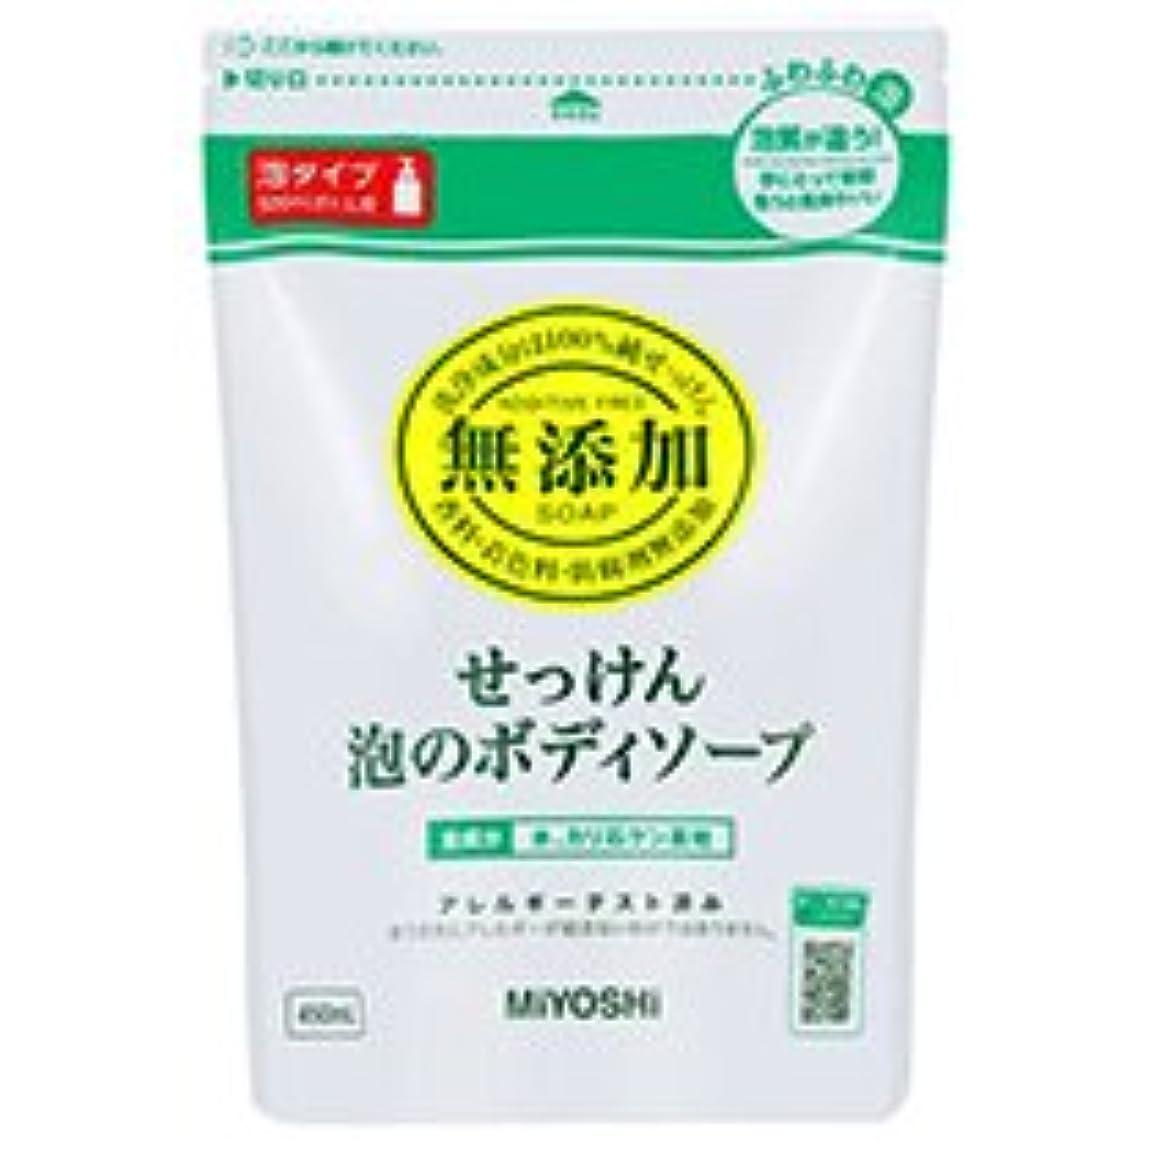 むちゃくちゃ蓄積する有効化ミヨシ石鹸 無添加せっけん 泡のボディソープ 詰替用 450ml 1個